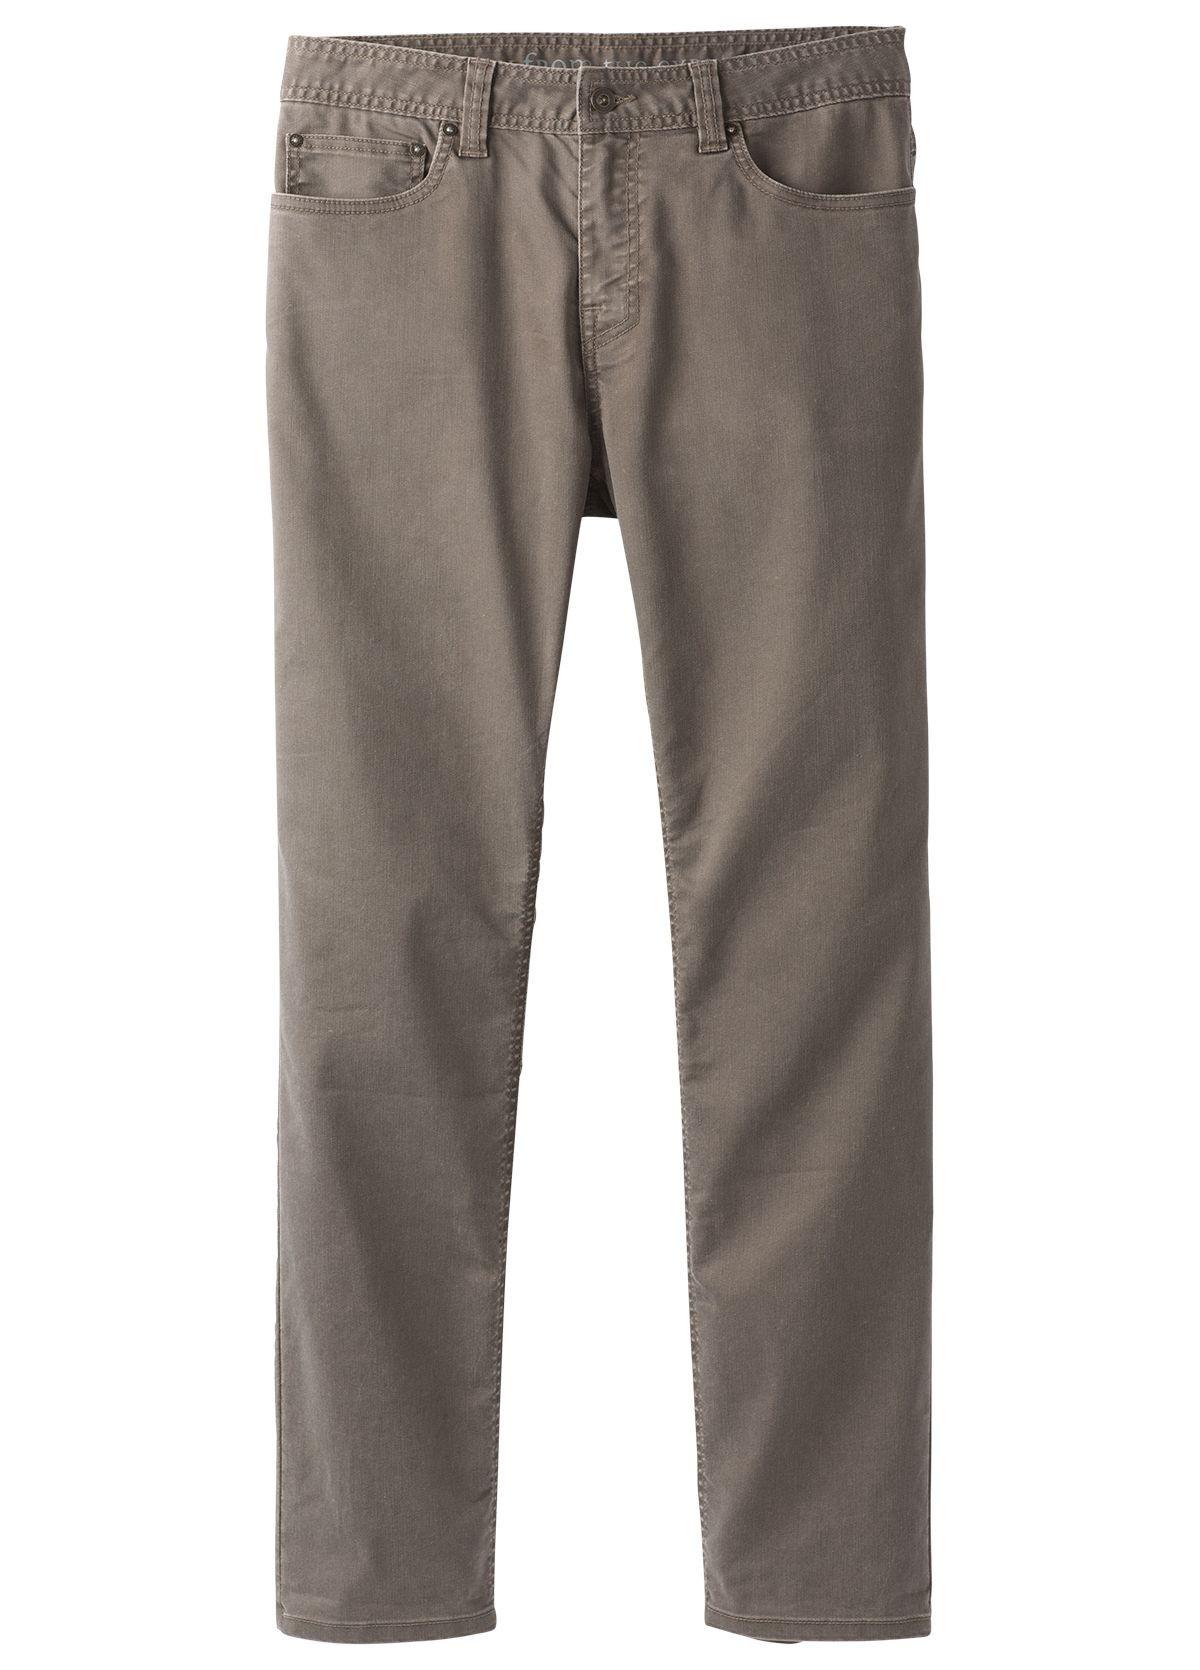 5d3543c7 Prana - Men's Bridger Jean | Outdoor Gear Exchange